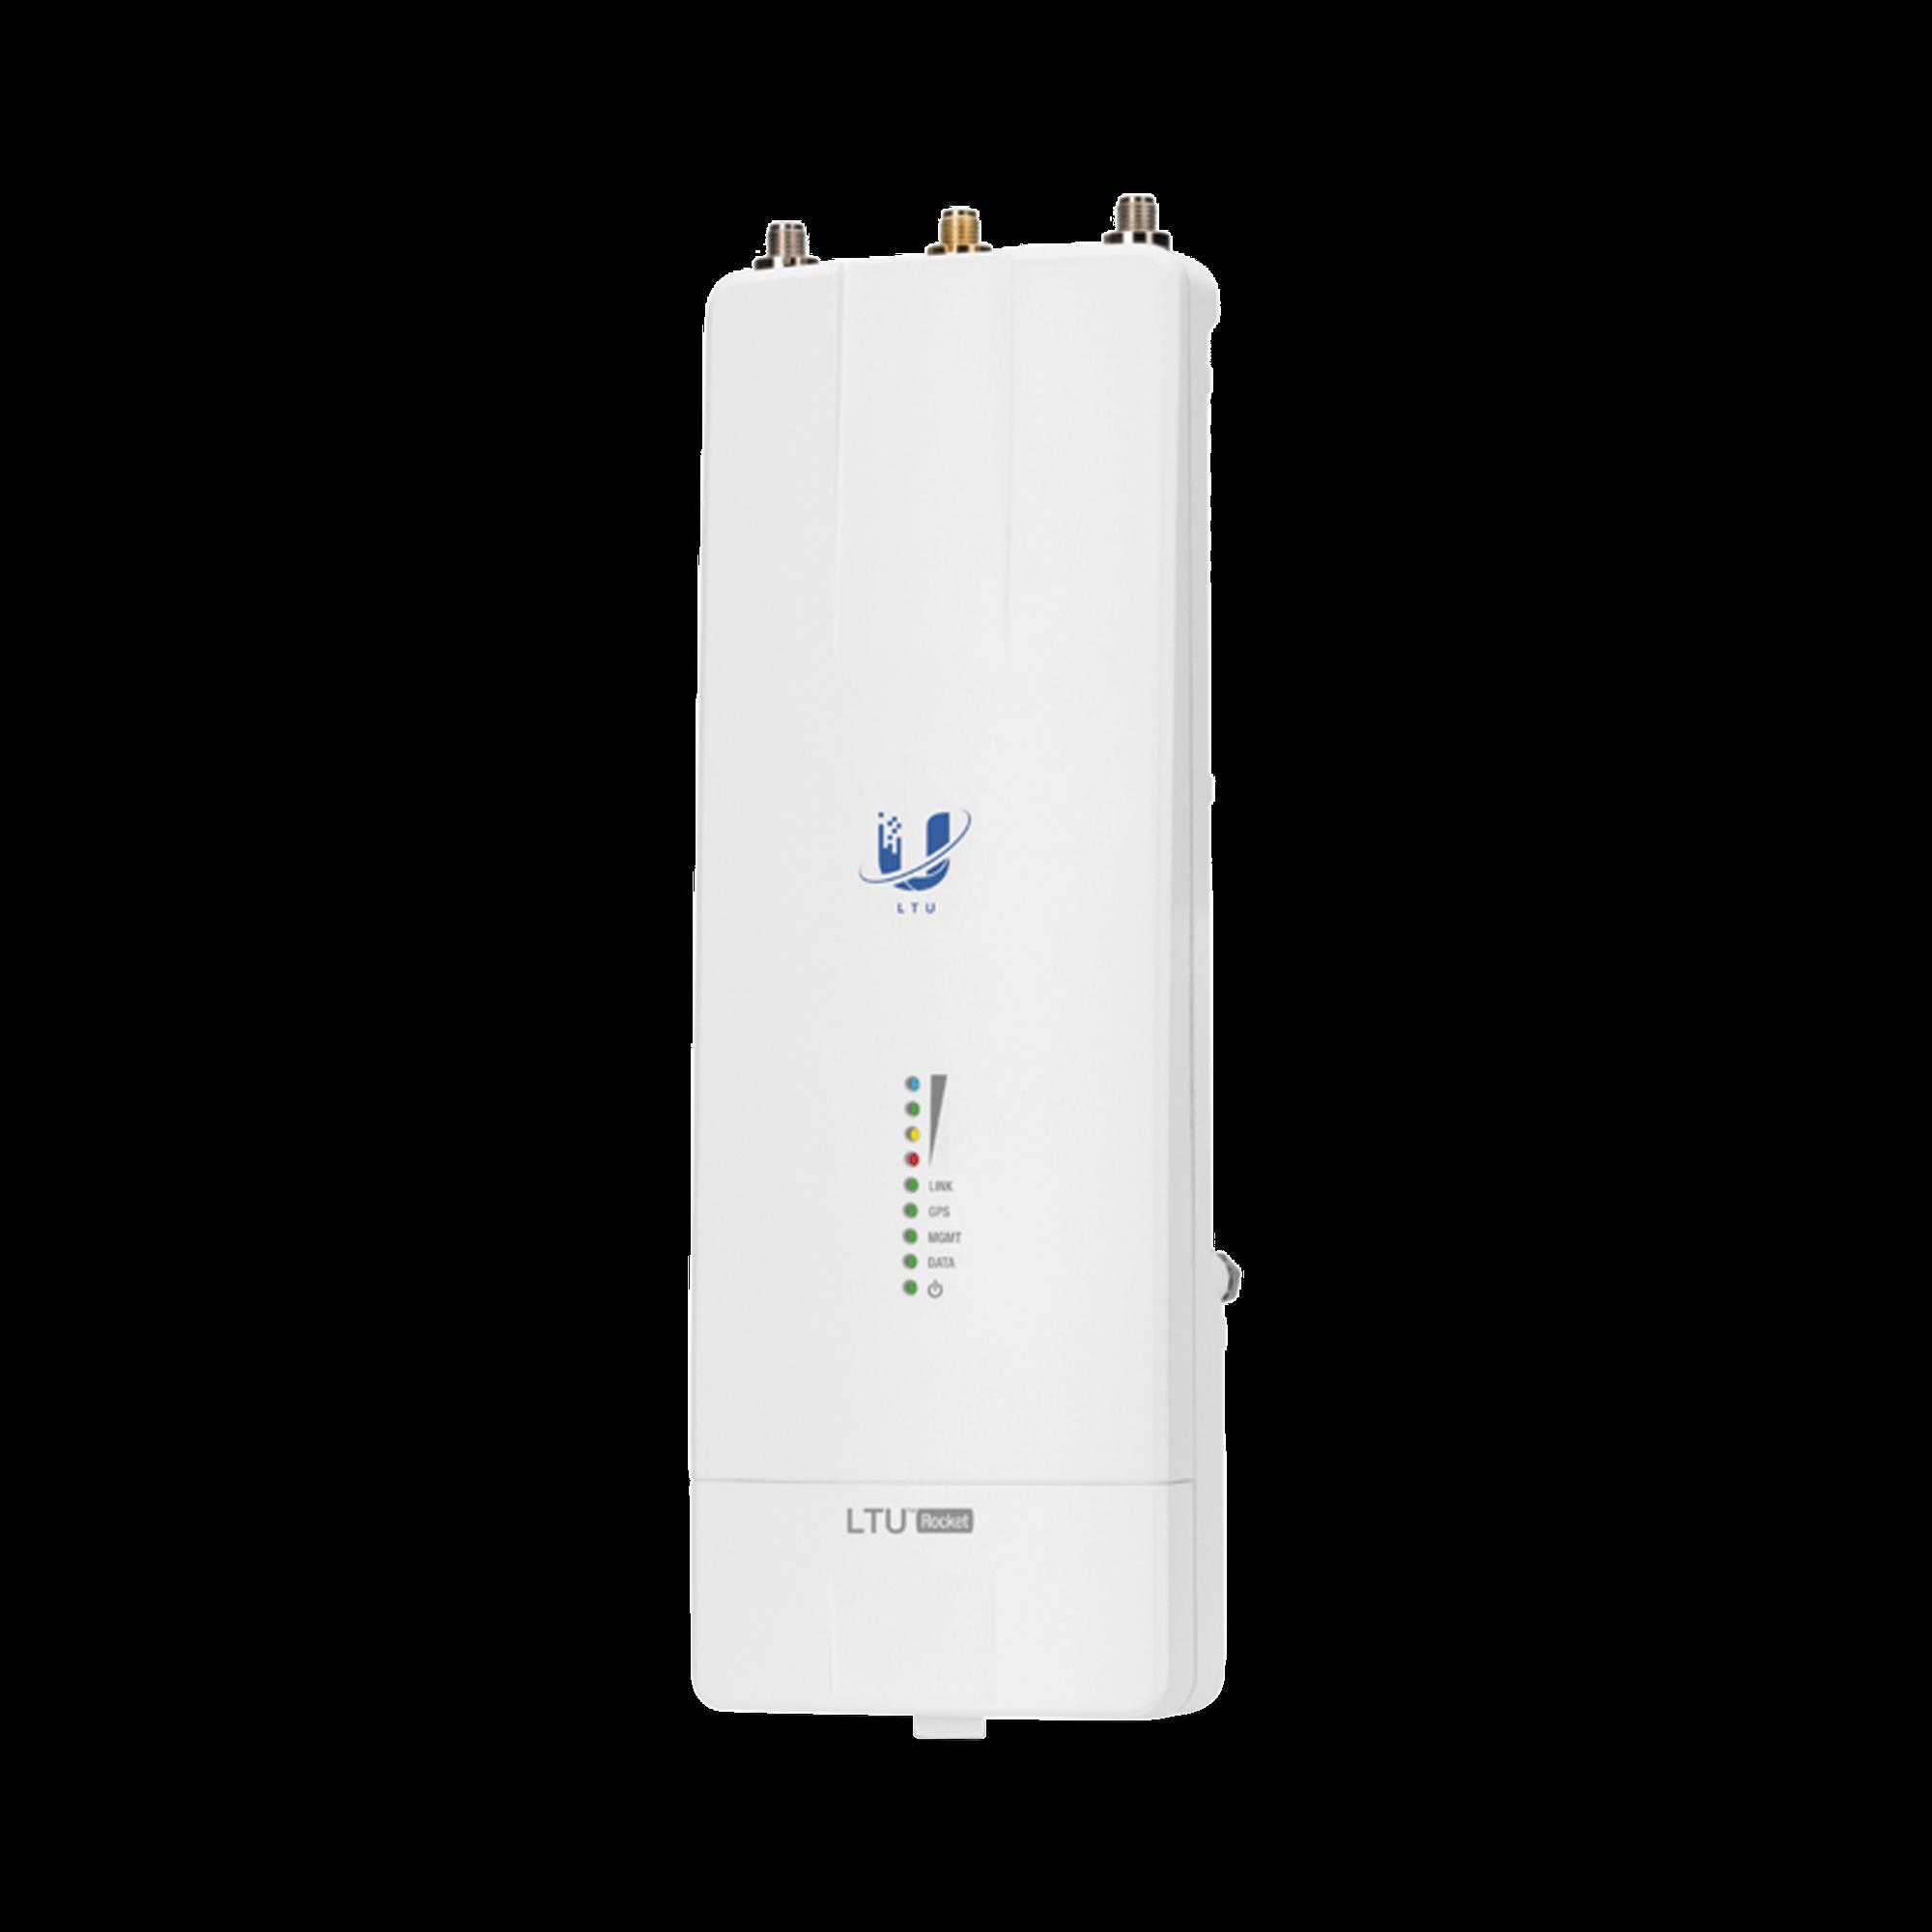 Radio Estación Base PtMP LTU? Rocket, hasta 600 Mbps, 5 GHz (4.9 - 6.2 GHz), con filtrado de RF patentado y GPS sync para un rendimiento superior